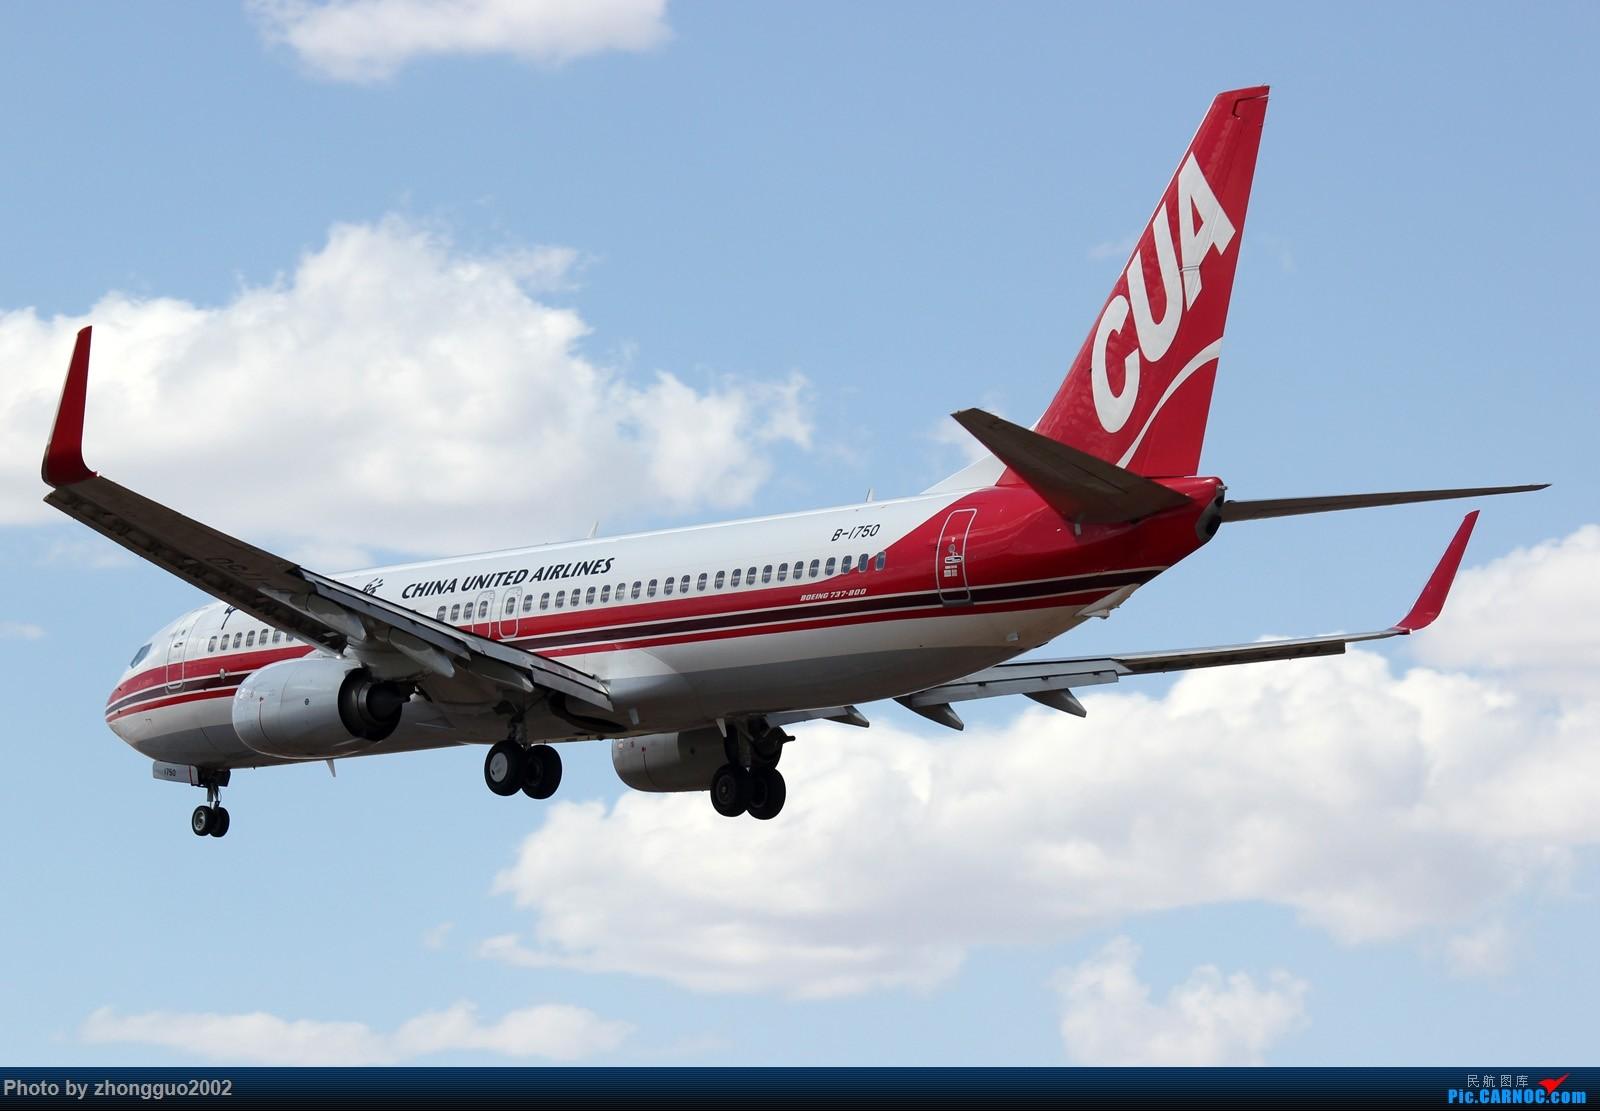 Re:[原创]赶上鄂尔多斯通航Y-5本场练习,顺便拍点其他飞机 BOEING 737-800 B-1750 中国鄂尔多斯伊金霍洛机场